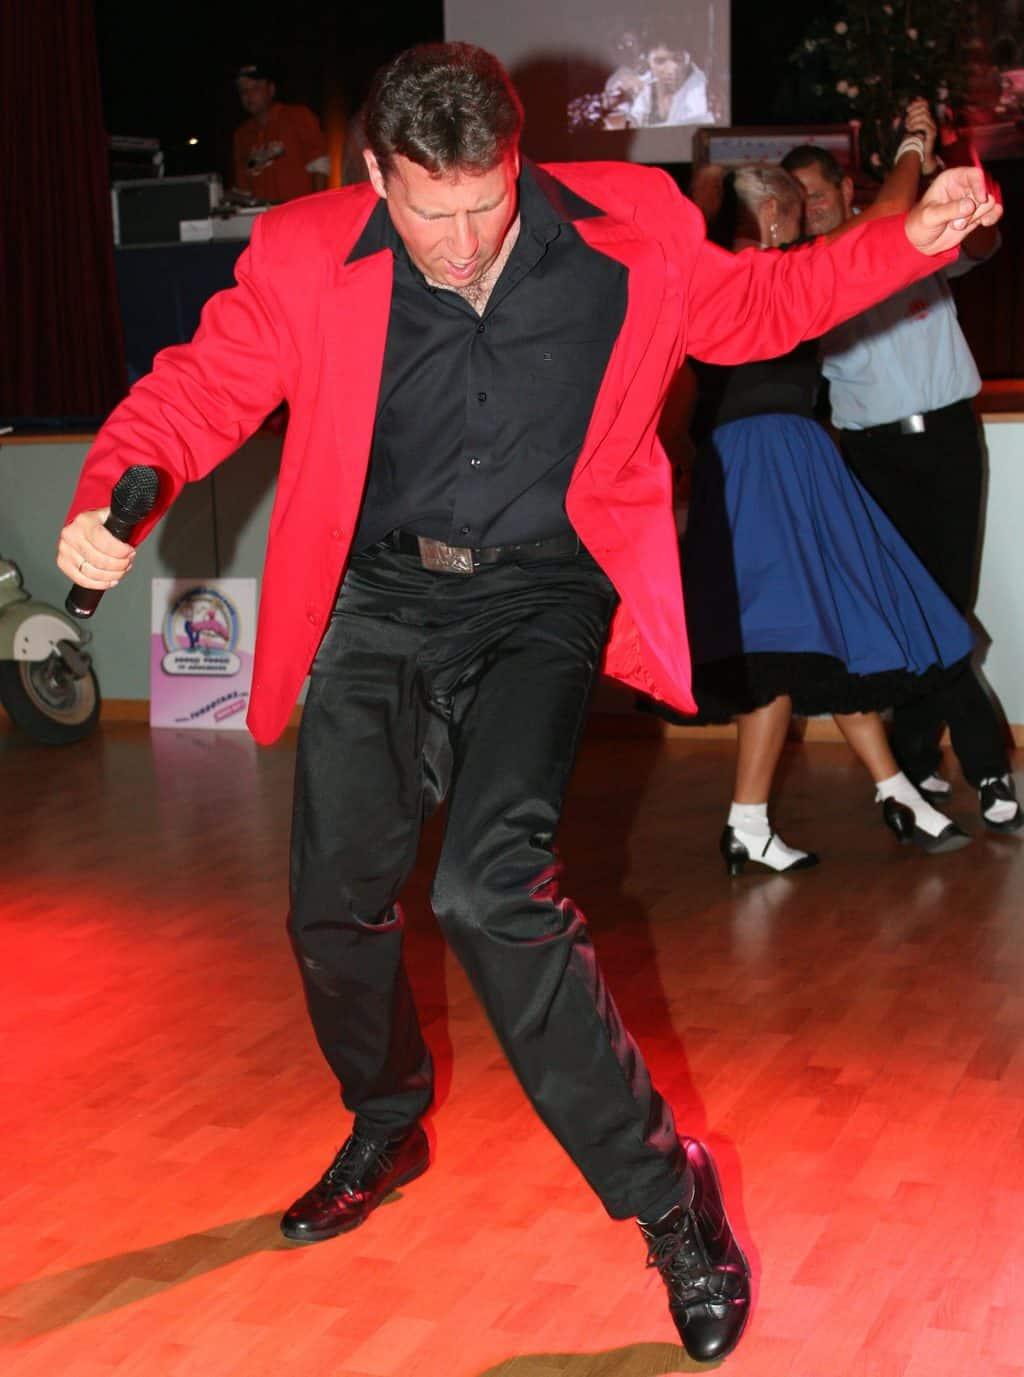 Tanzeinlage von Reiner Kowalski